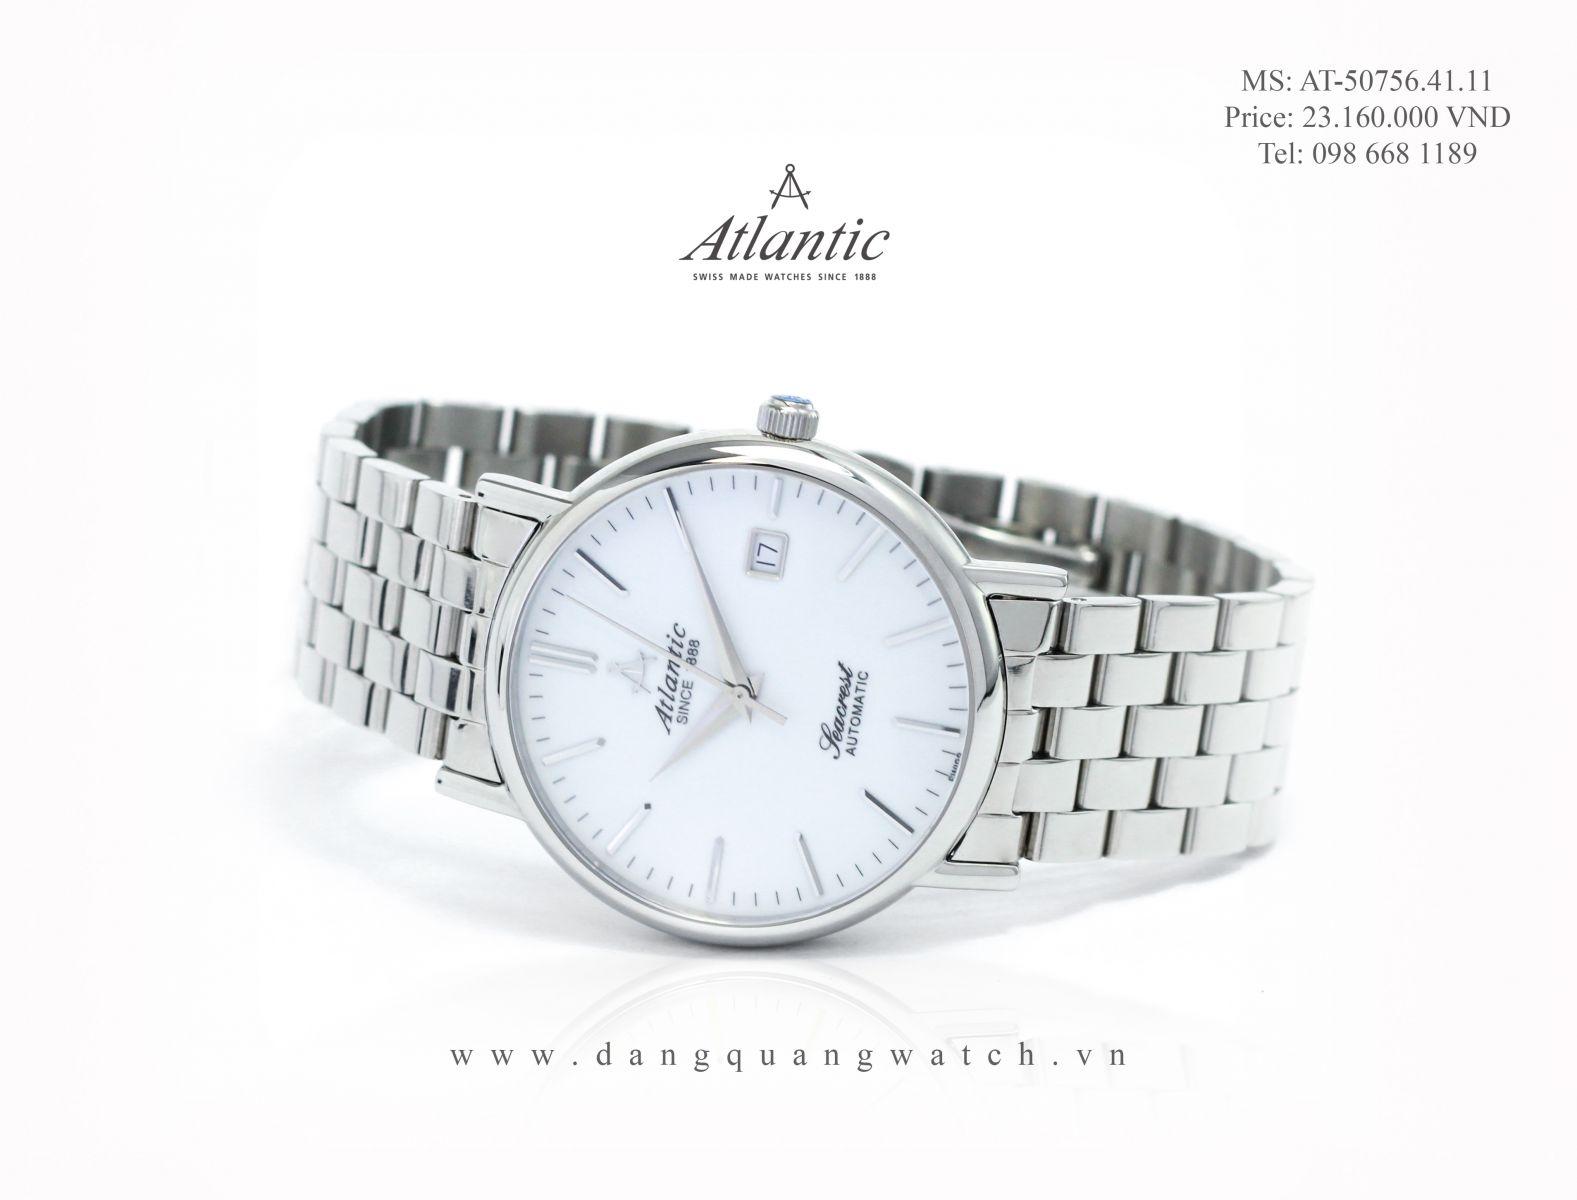 Đồng hồ Atlantic 50756.41.11